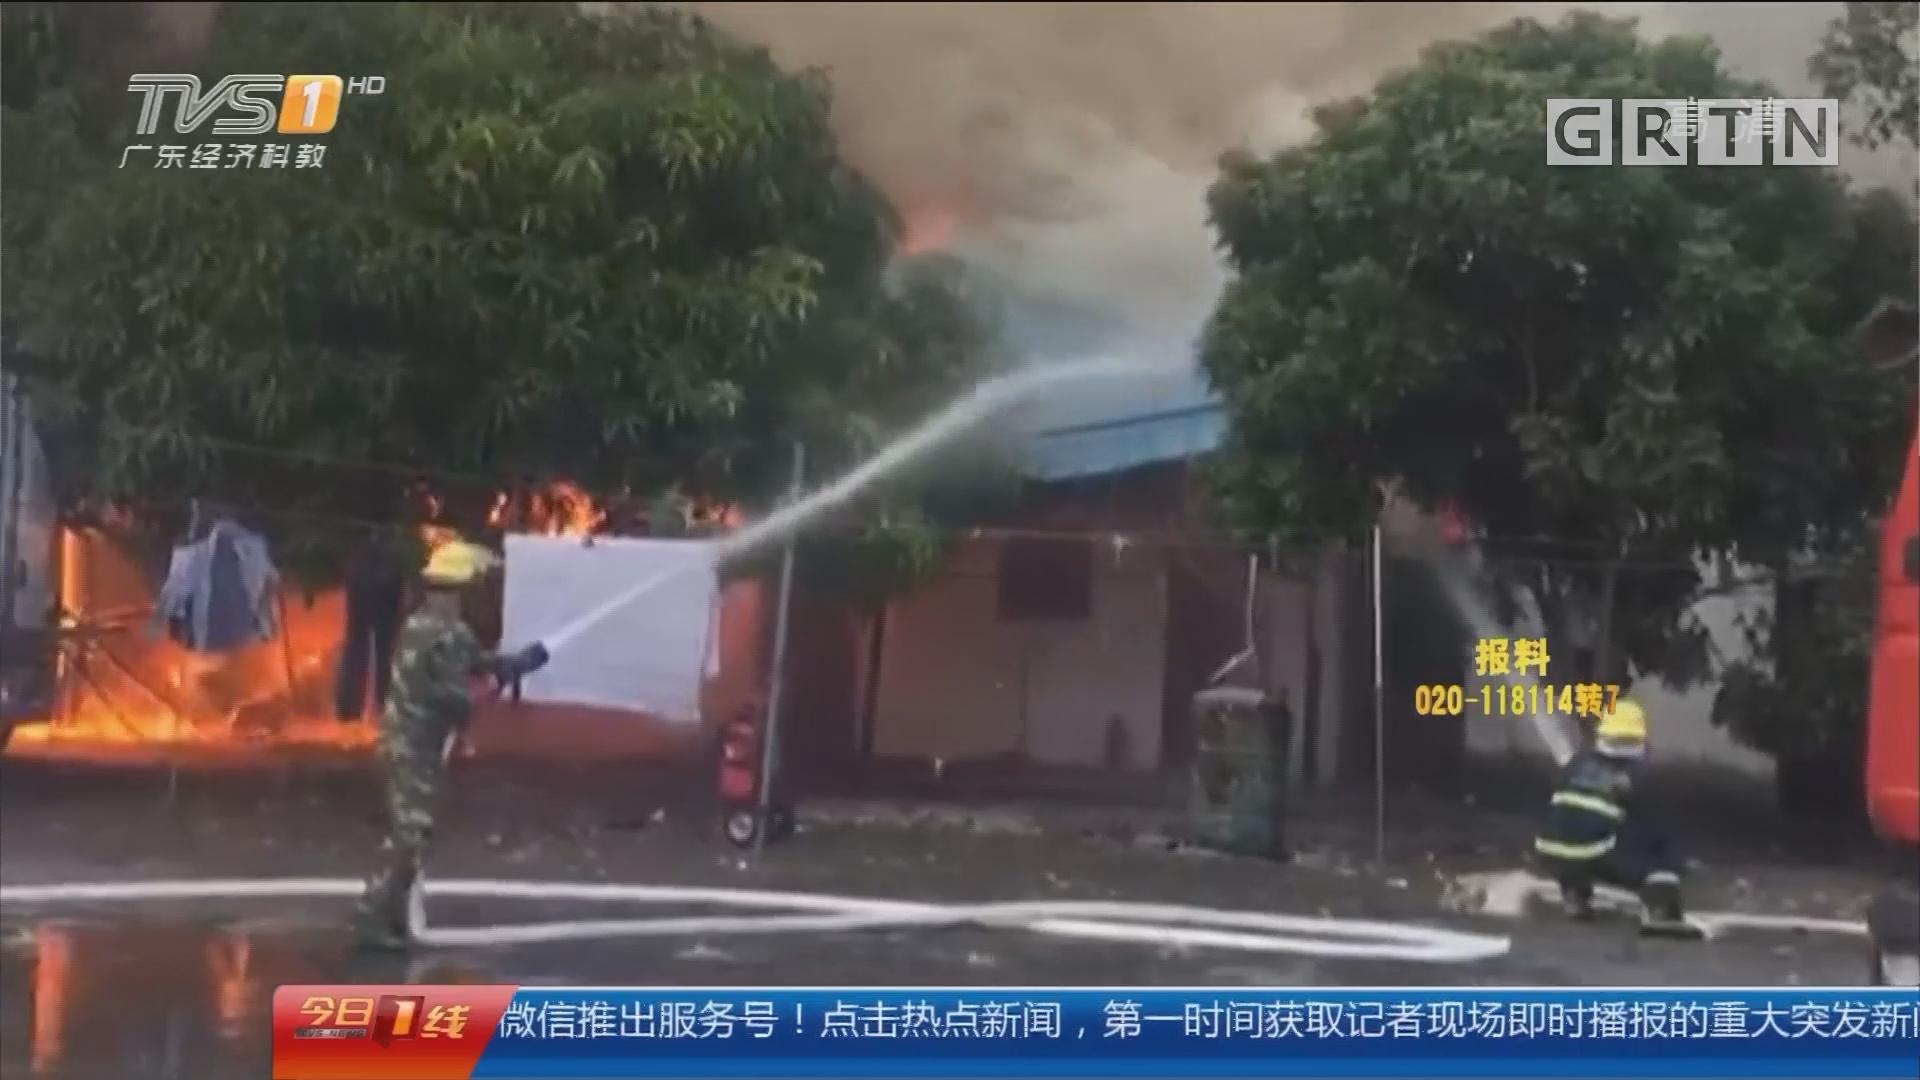 惠州仲恺区:山火威胁化工厂 消防紧急扑救